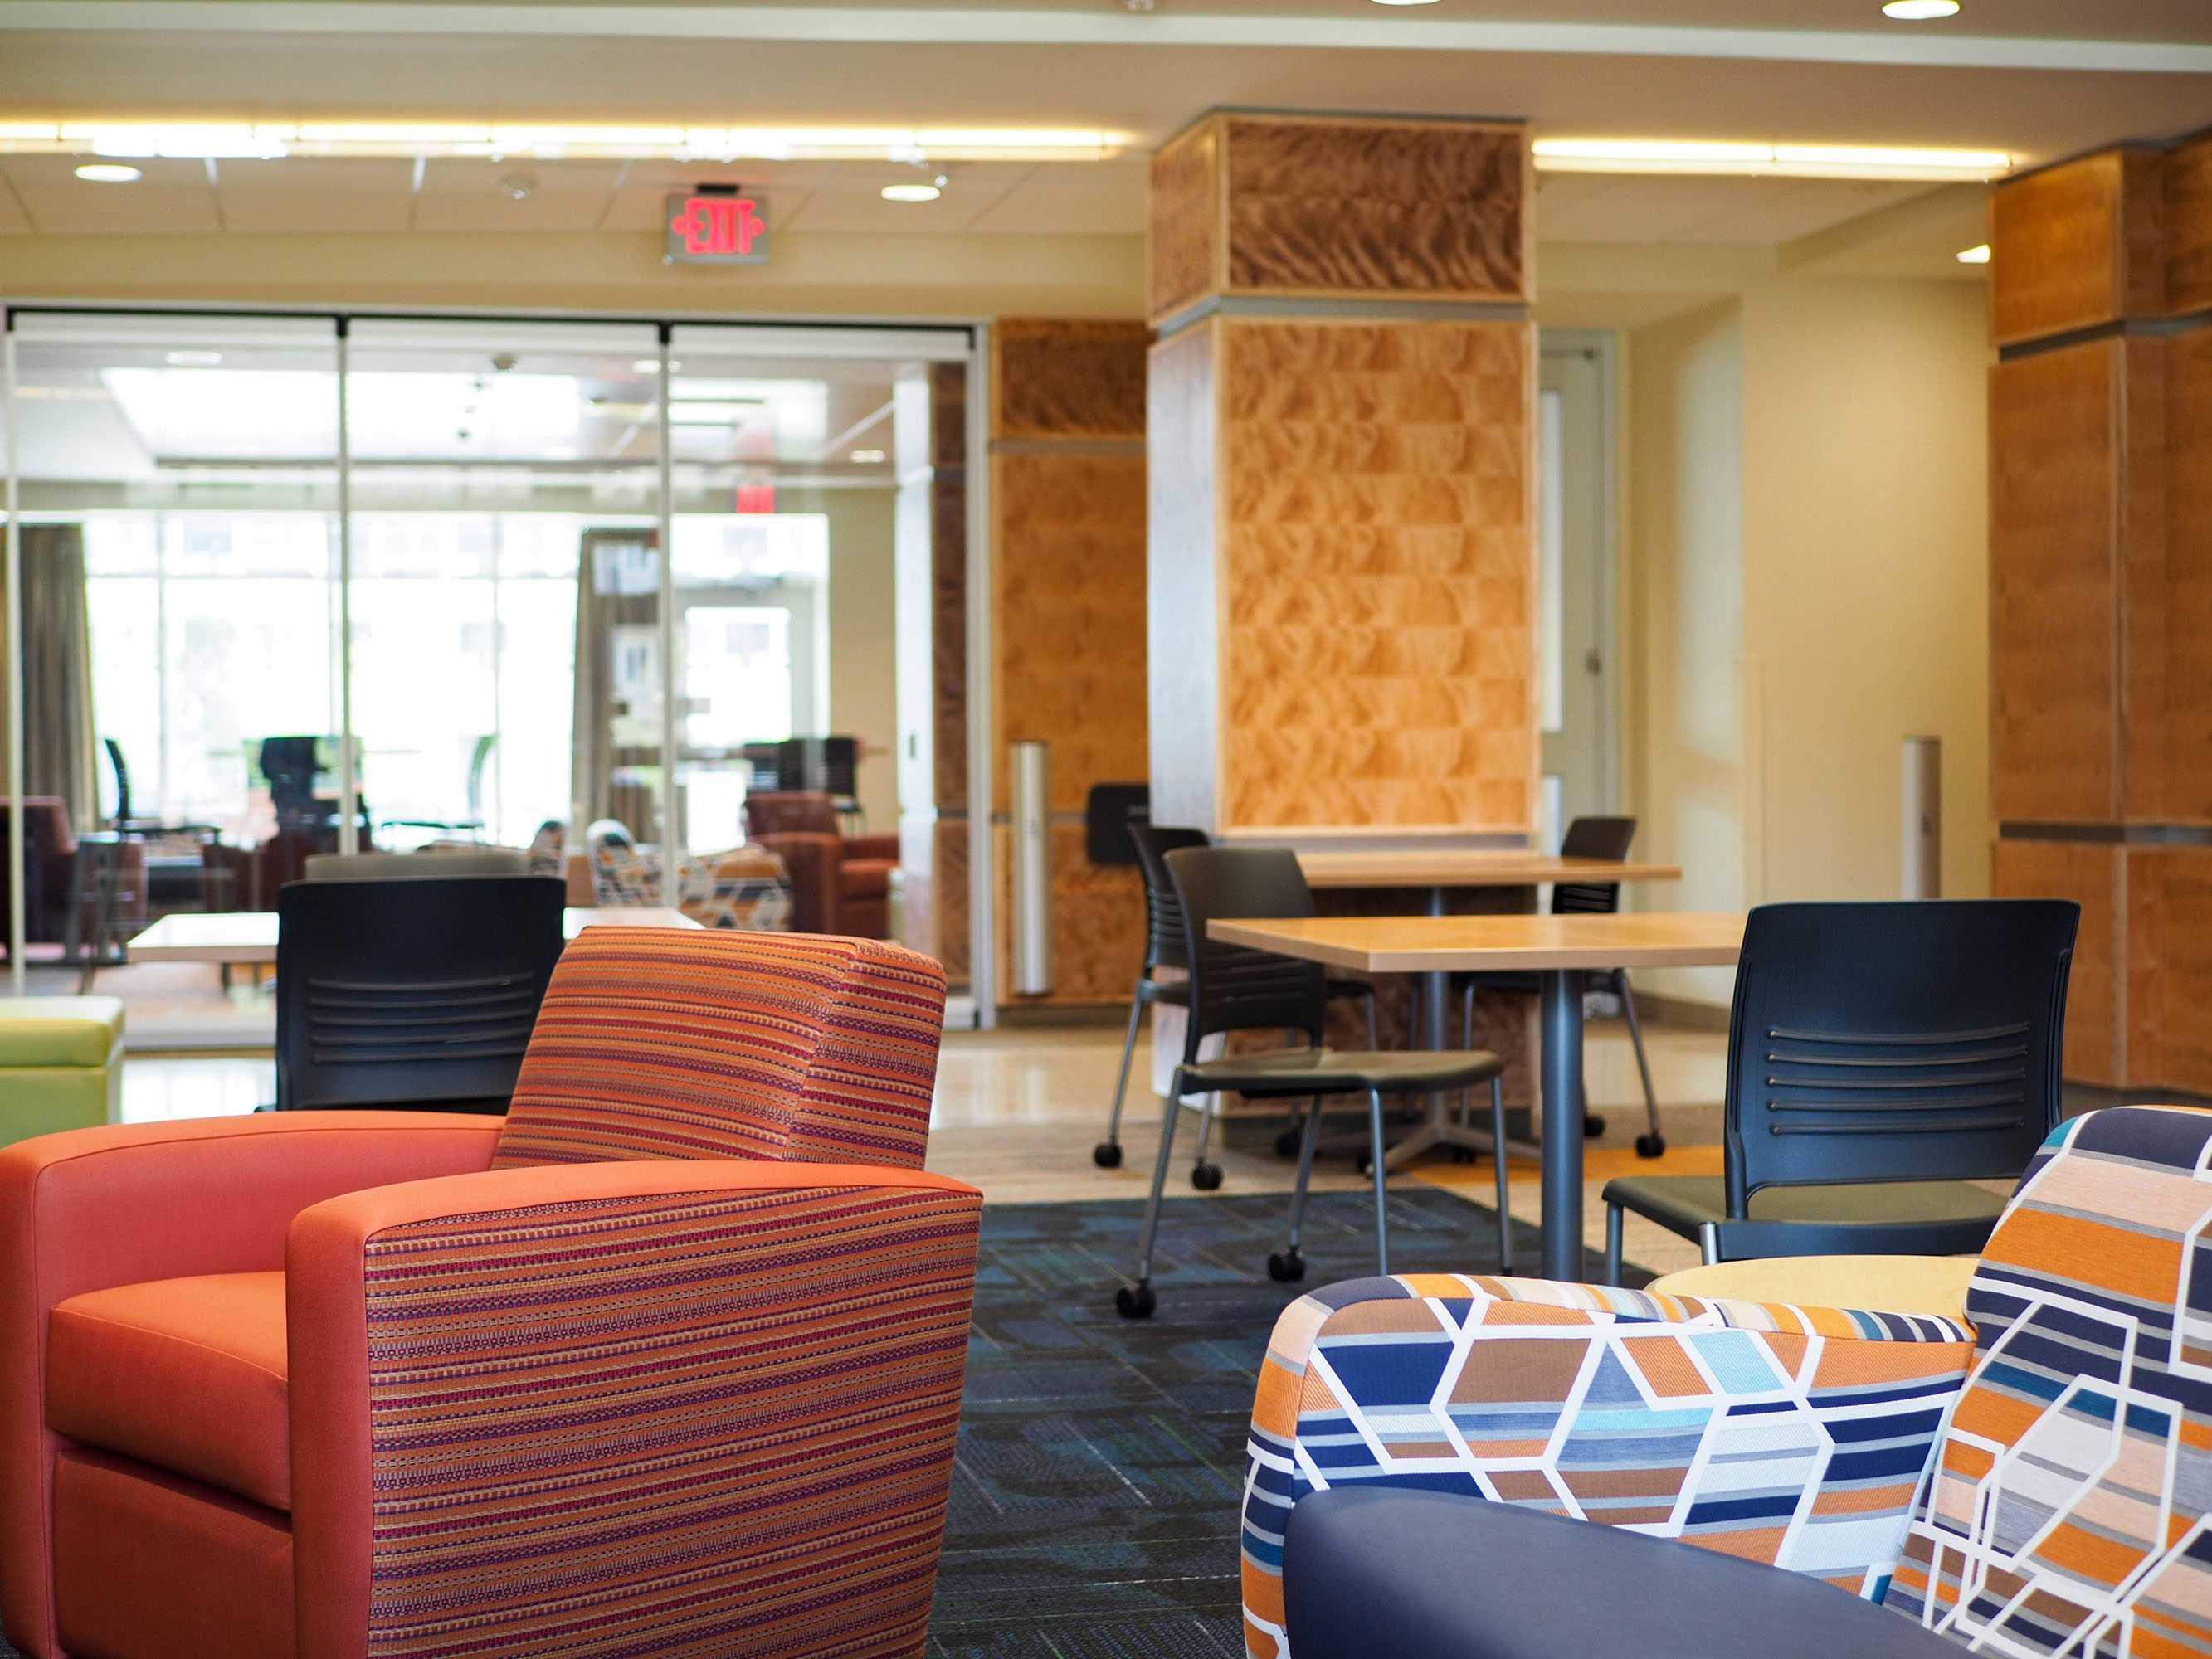 The modern interior of UIUC's new dorm, Wassaja Hall, in Champaign, IL. August 17, 2016.